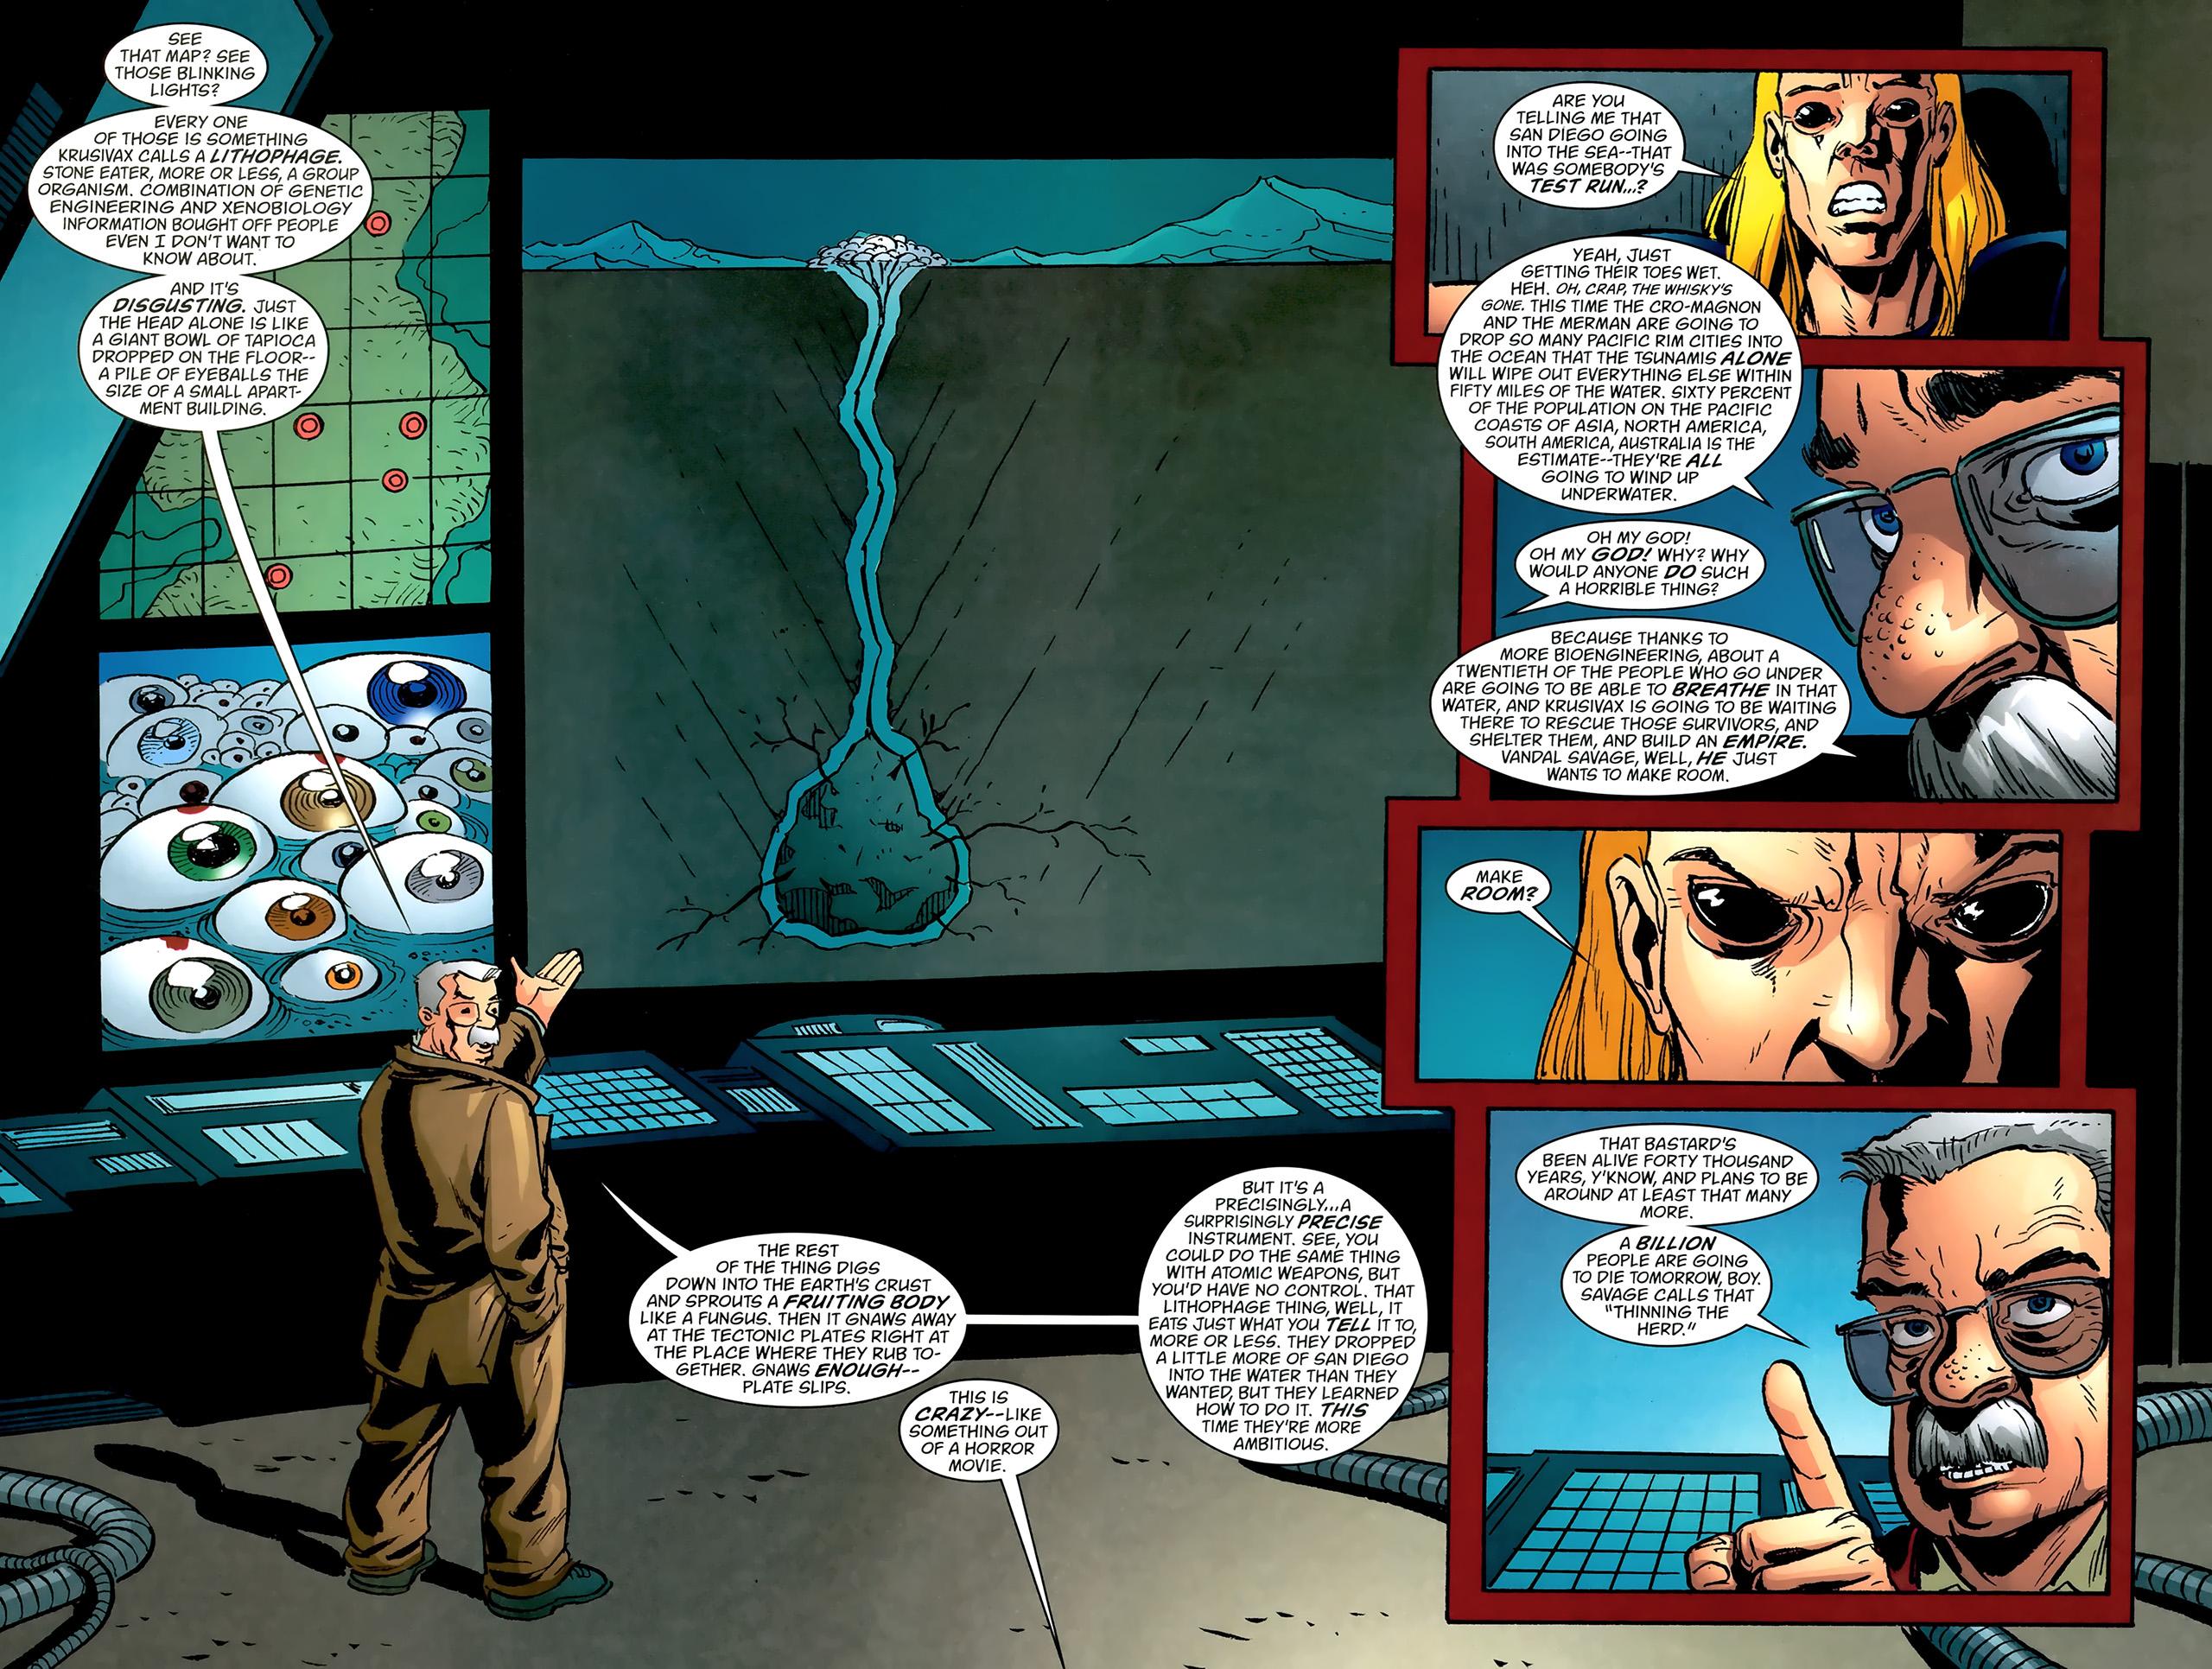 Read online Aquaman: Sword of Atlantis comic -  Issue #55 - 9